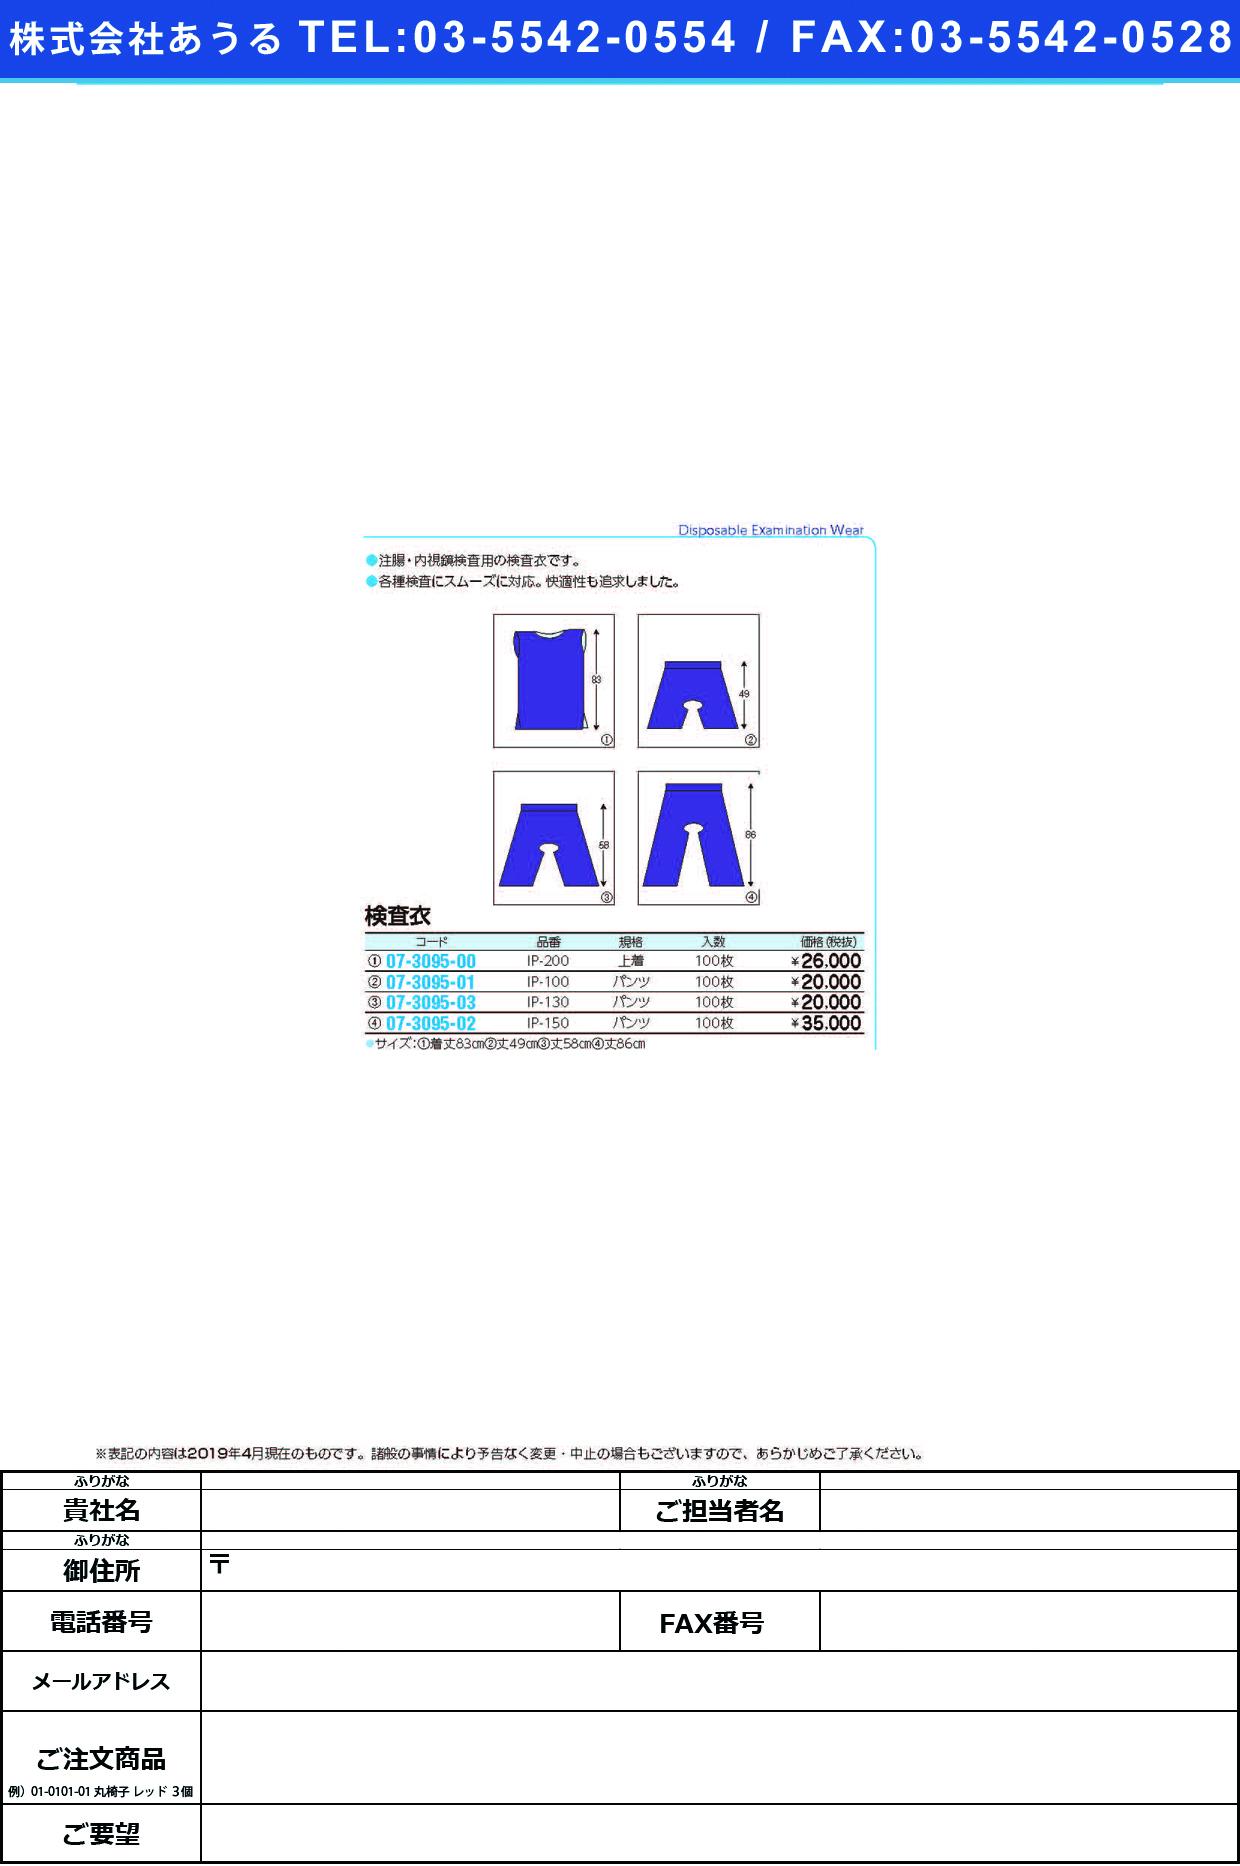 検査用上着(ディスポ検査衣) IP-200(フリーサイズ)100マイ ケンサヨウウワギ(バイリーンクリエイト)